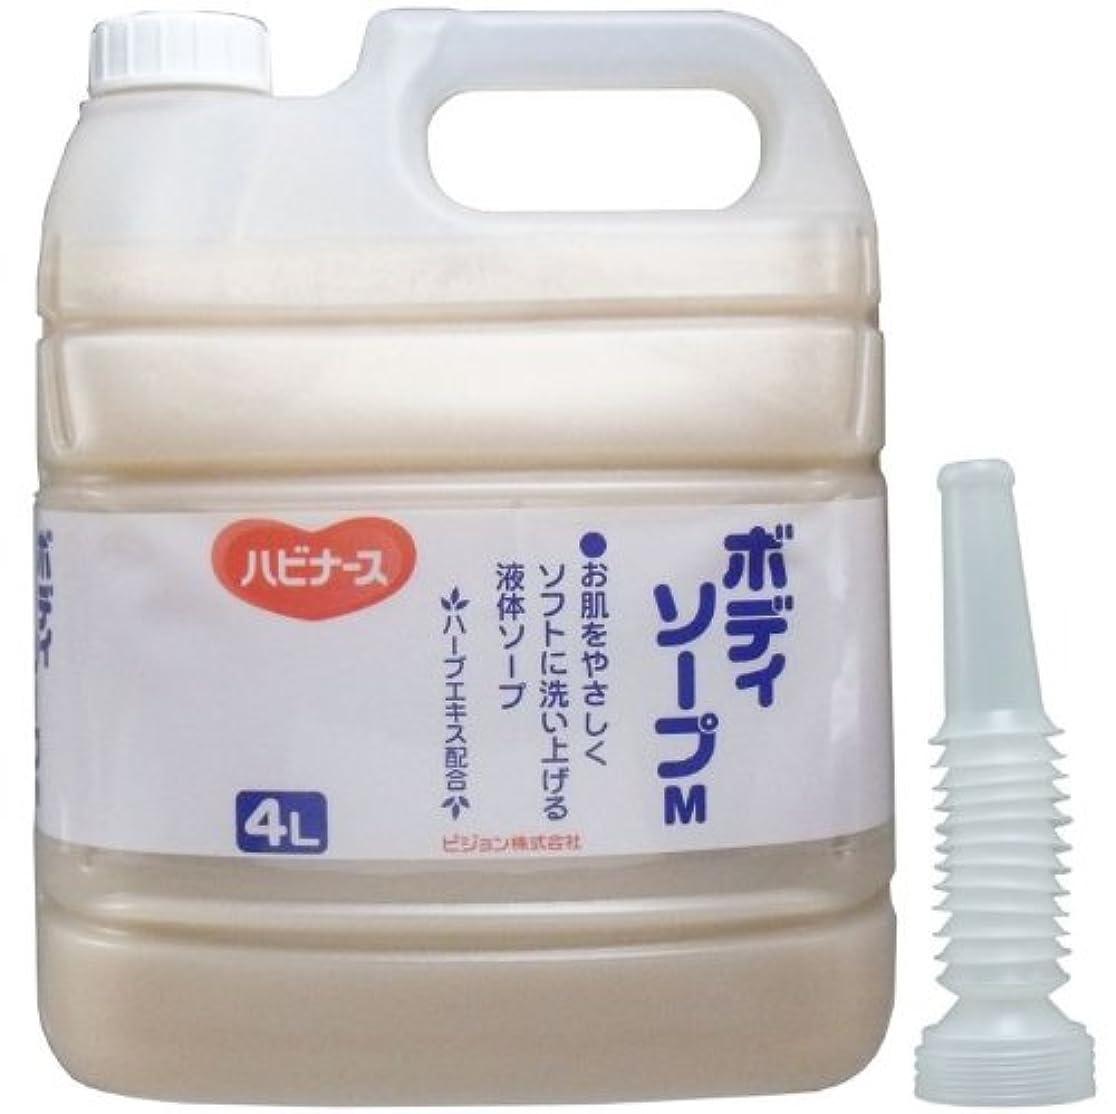 よろめくハロウィンスパイラル液体ソープ ボディソープ 風呂 石ケン お肌をやさしくソフトに洗い上げる!業務用 4L